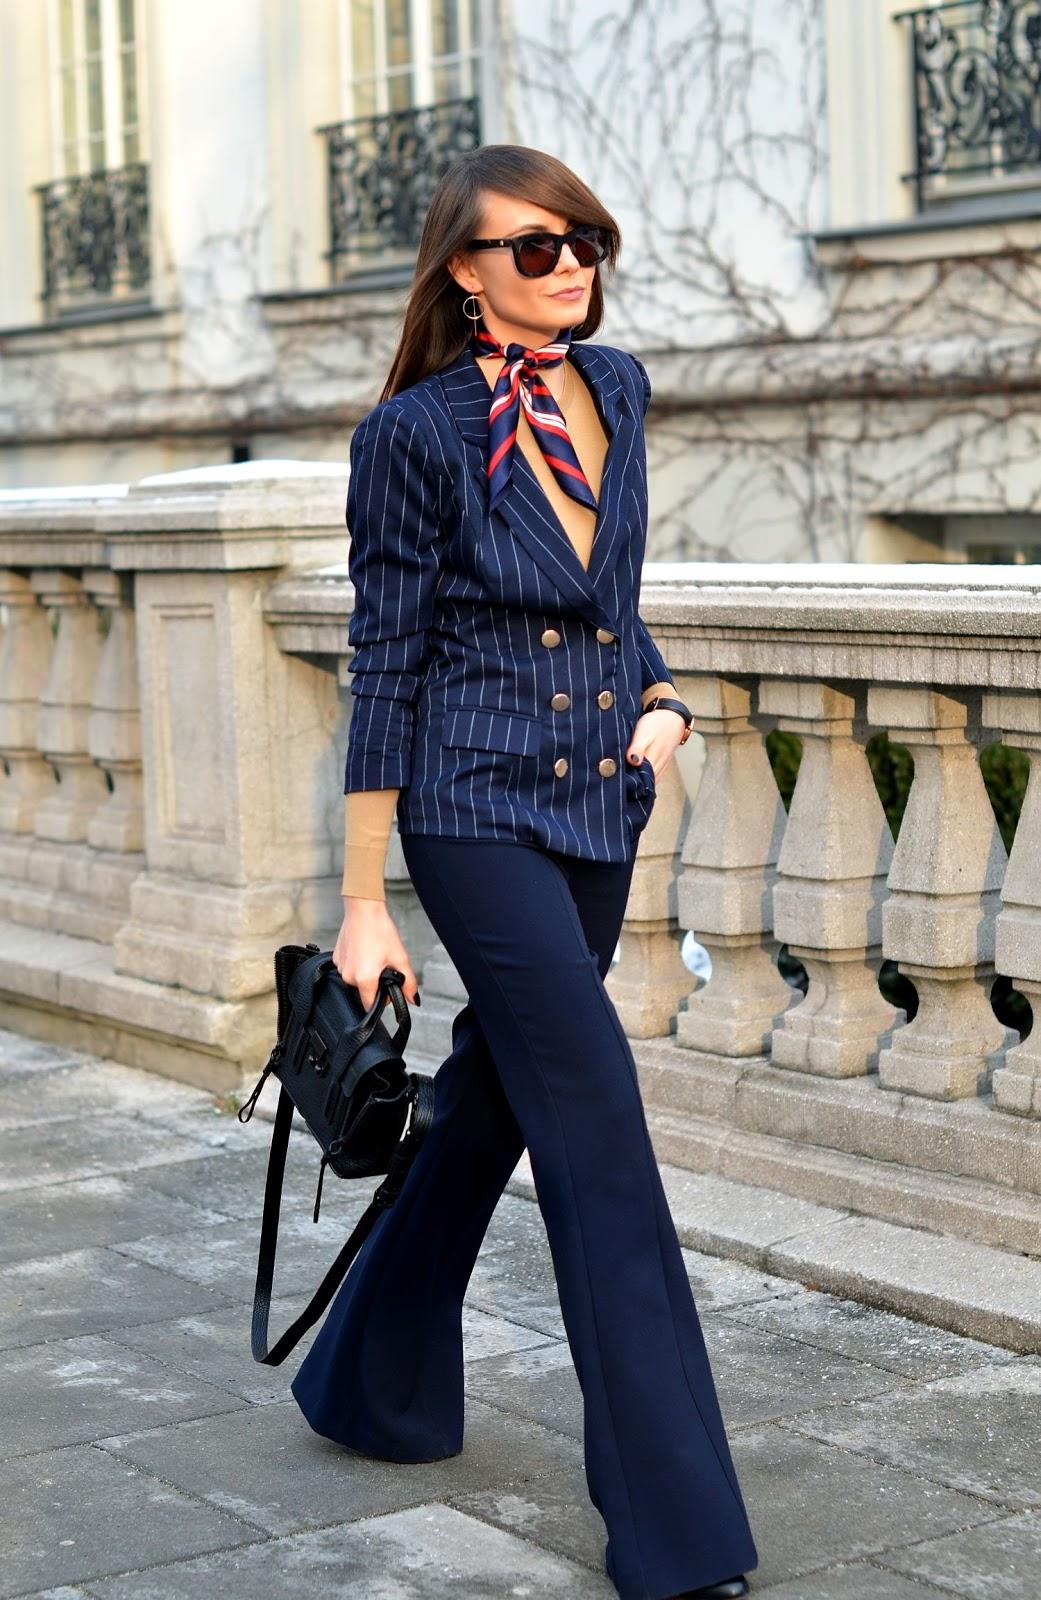 blogi o modzie | blogi modowe | blogerka modowa